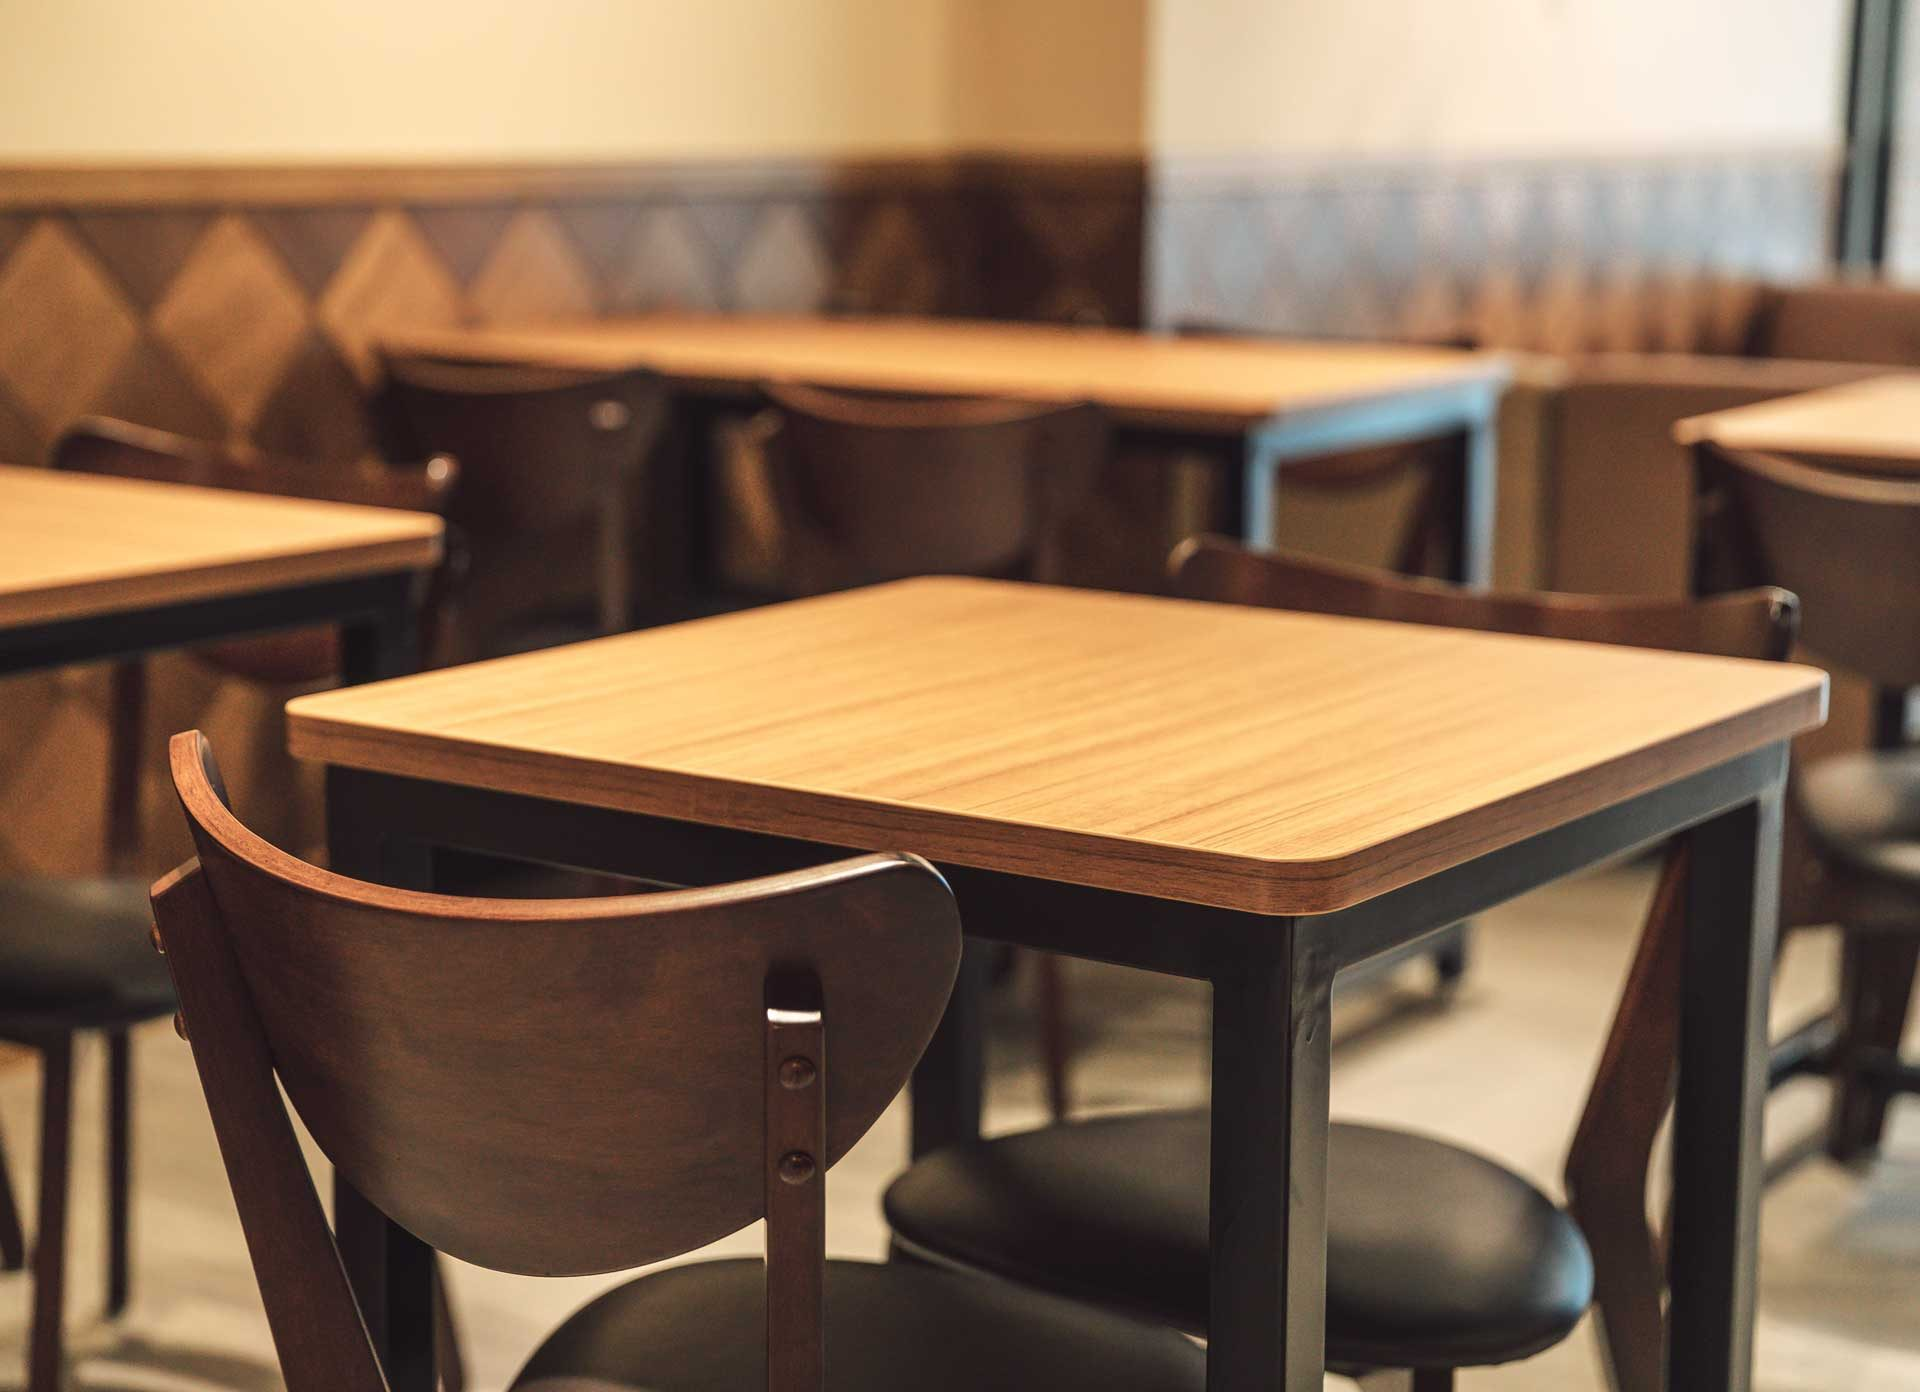 考慮到家庭前來用餐時,避免小朋友被桌角撞傷,因此店內的訂製餐桌四周採收圓角設計